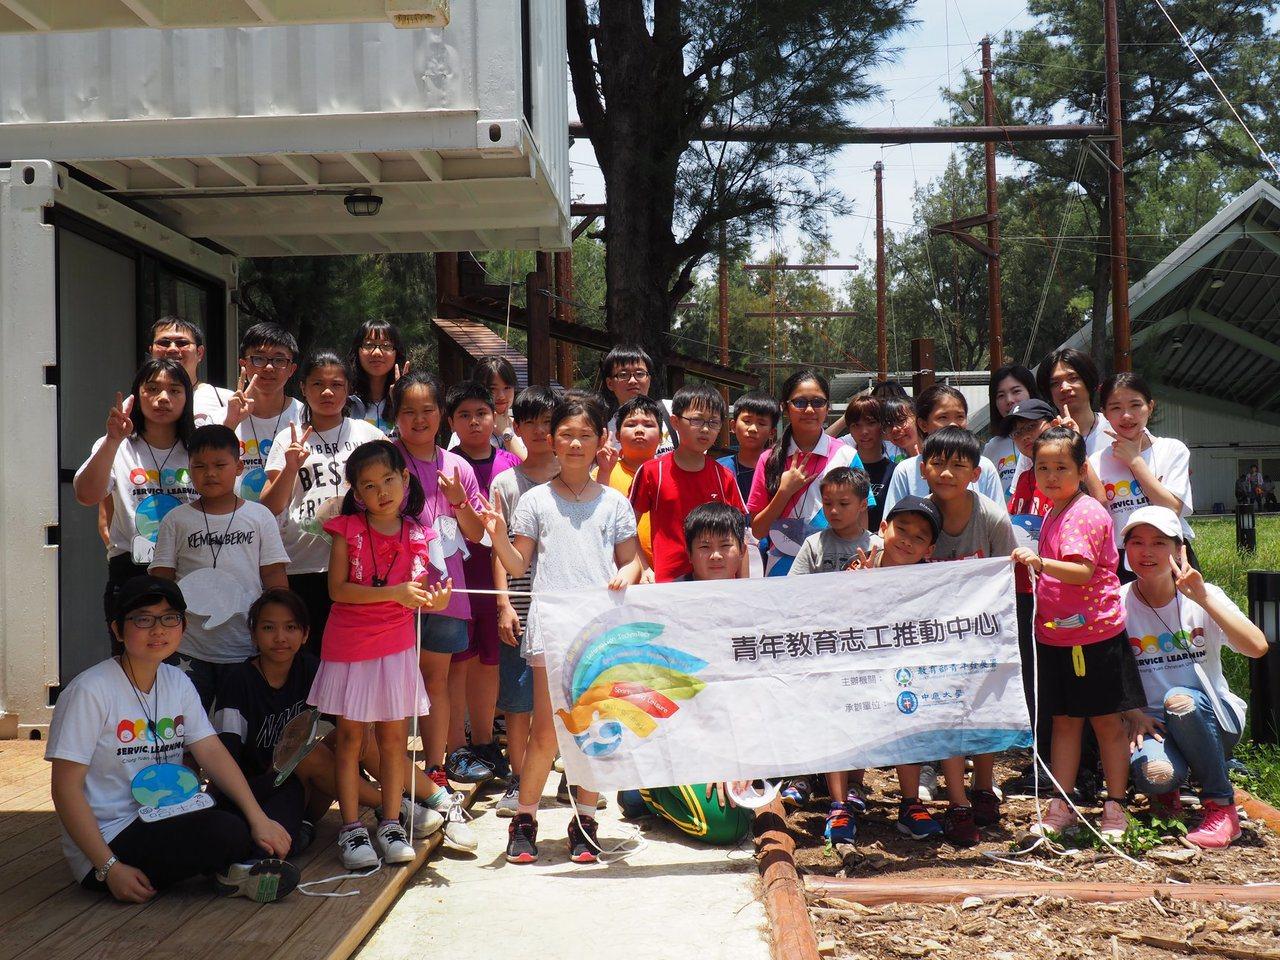 中原大學種籽團發揮活動企劃能力為孩子們舉辦活動。圖/中原大學提供